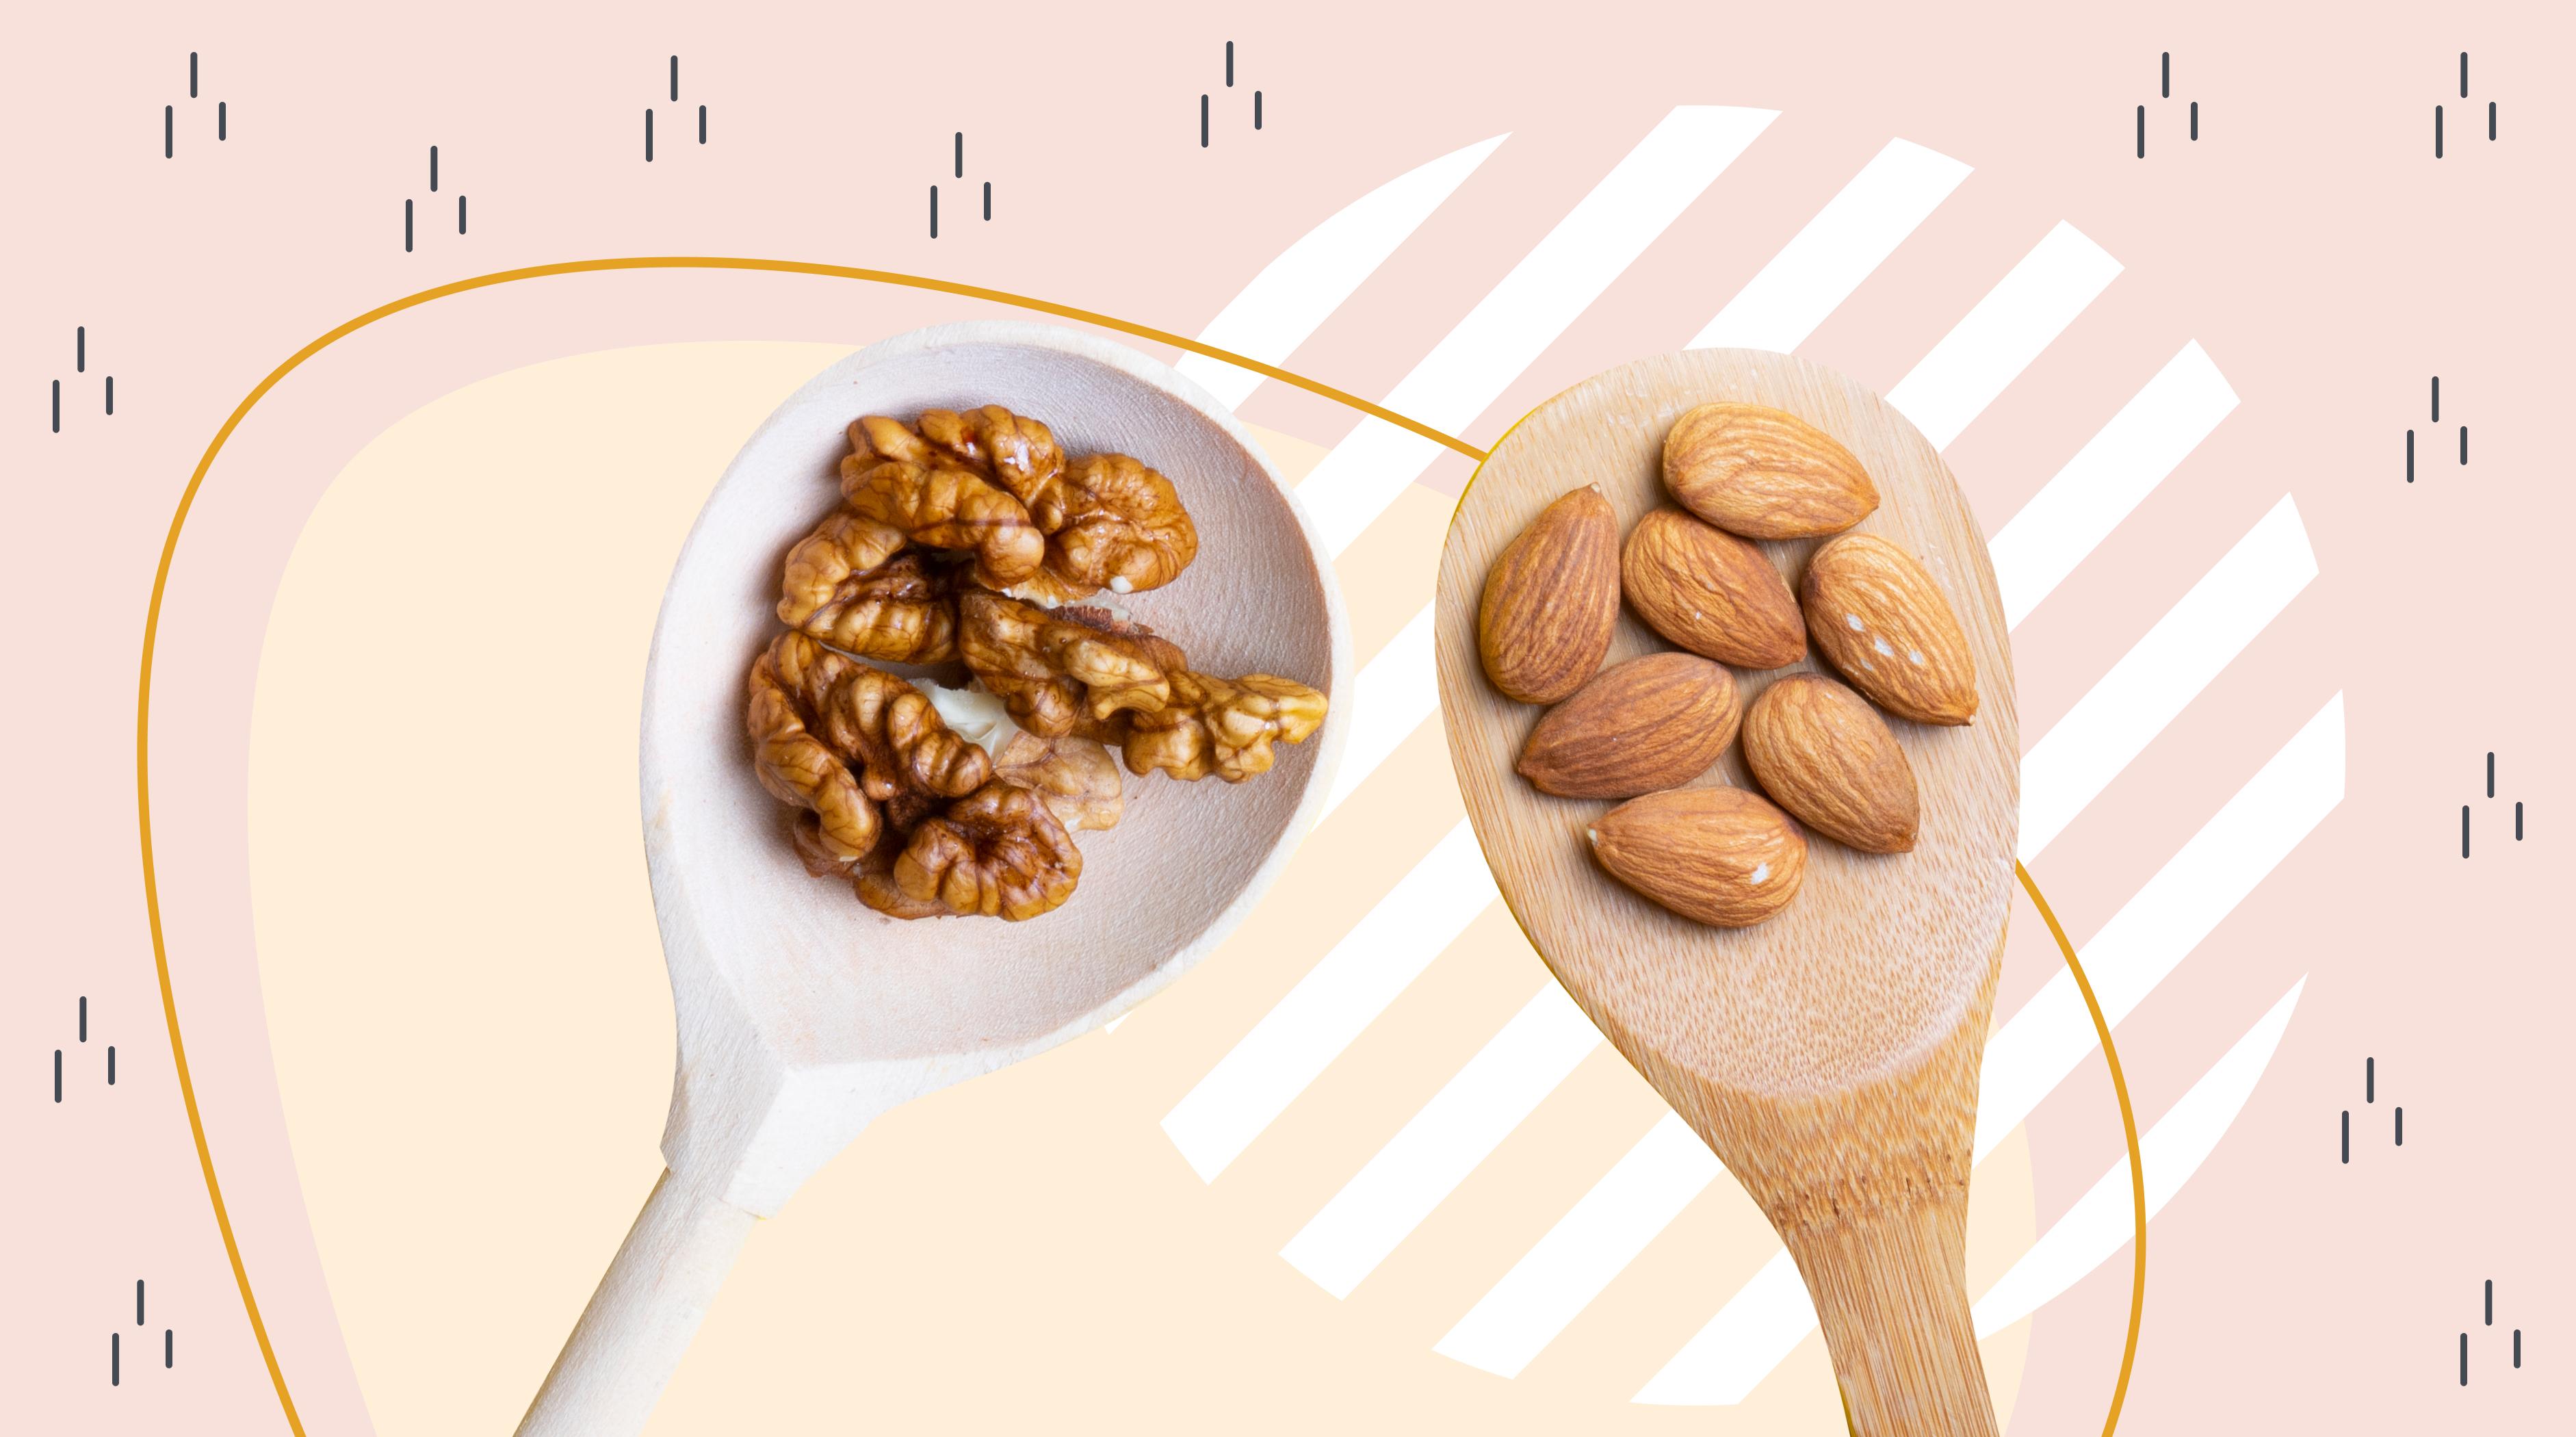 Миндаль хорош для снижения веса, а грецкий орех — для здоровья мозга. Несколько причин добавить эти продукты в свой рацион